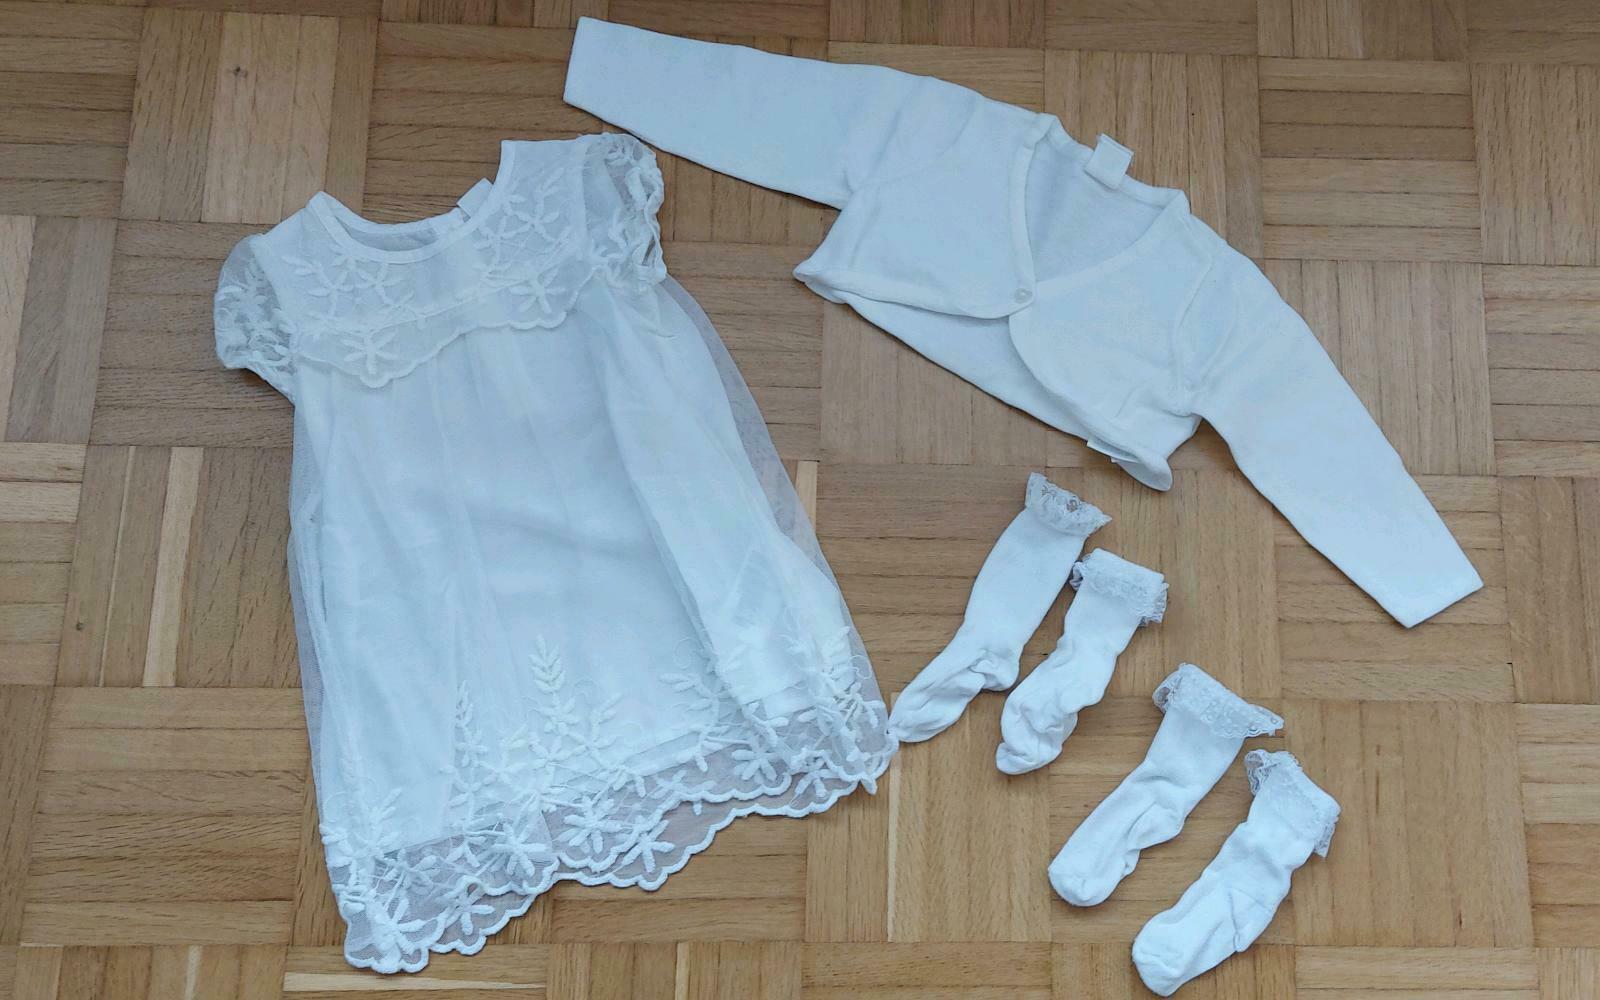 Set Weißes Kleid Taufkleid Bolero Söckchen Hm Gr 68